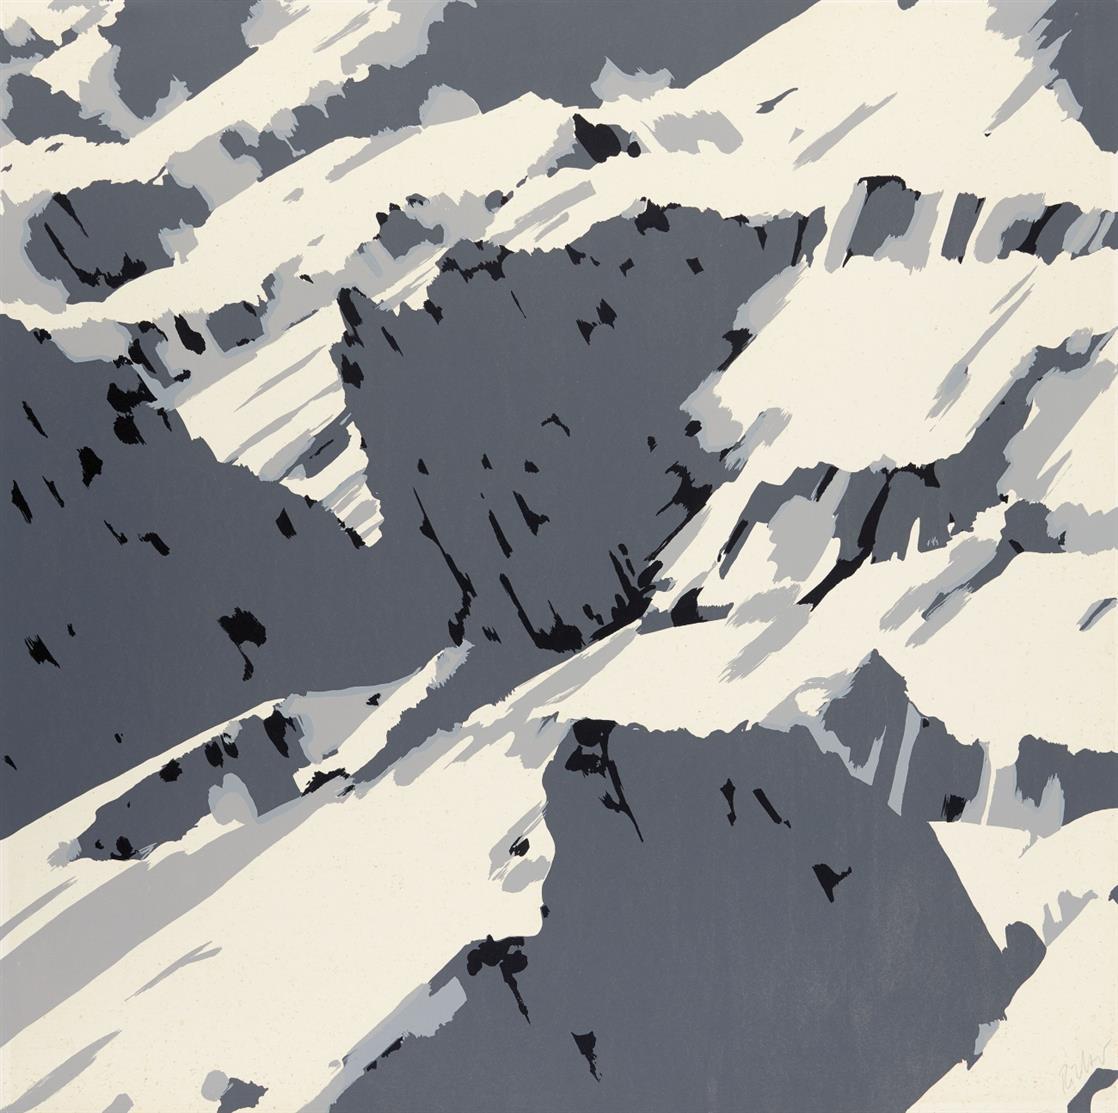 Gerhard Richter. Schweizer Alpen B1 (aus: Schweizer Alpen II). 1969. Siebdruck in Schwarz und zwei Grautönen. Signiert. Butin aus 21.